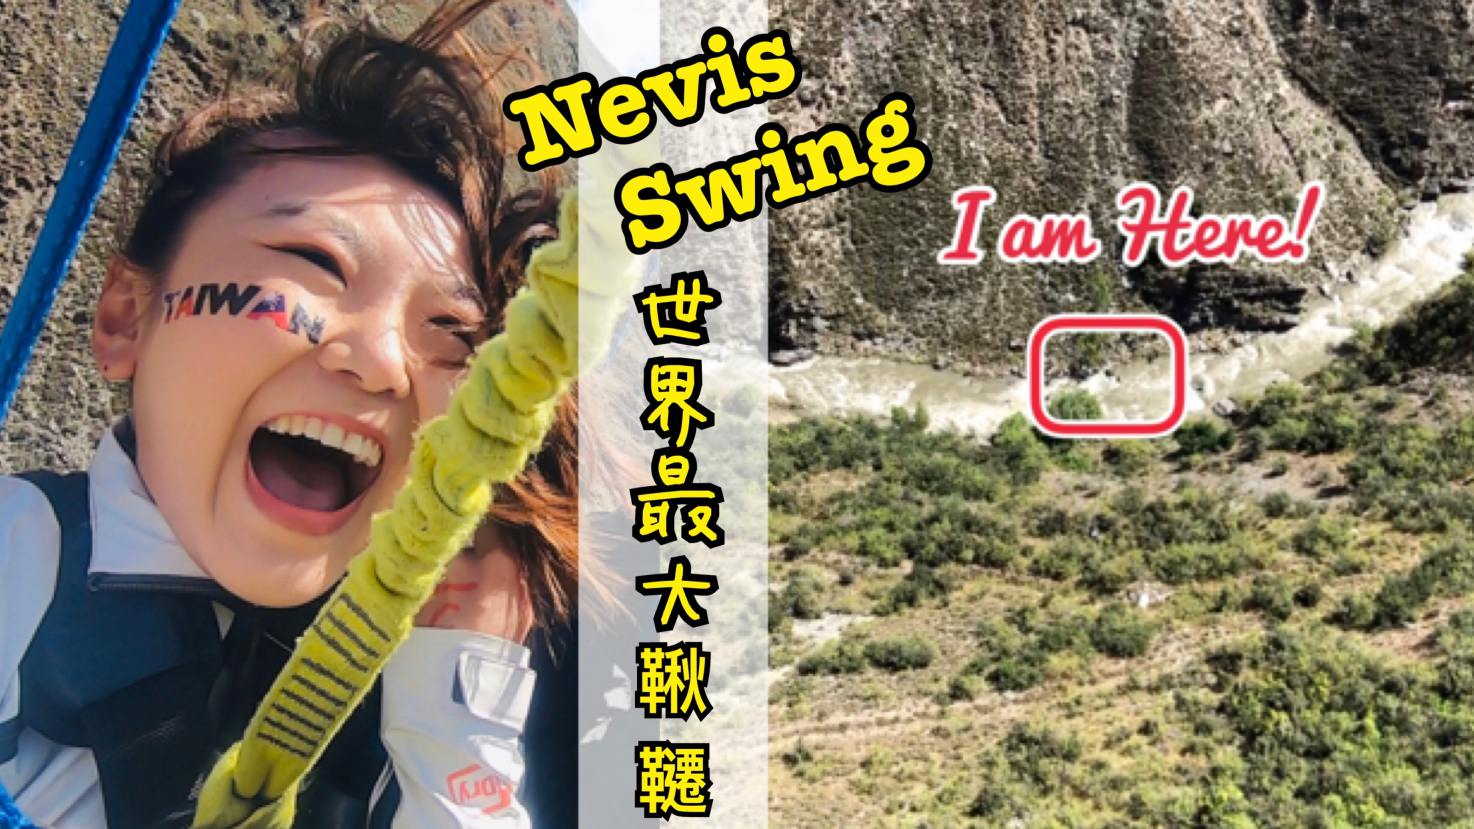 紐西蘭皇后鎮必玩!Nevis Swing世界最大峽谷盪鞦韆